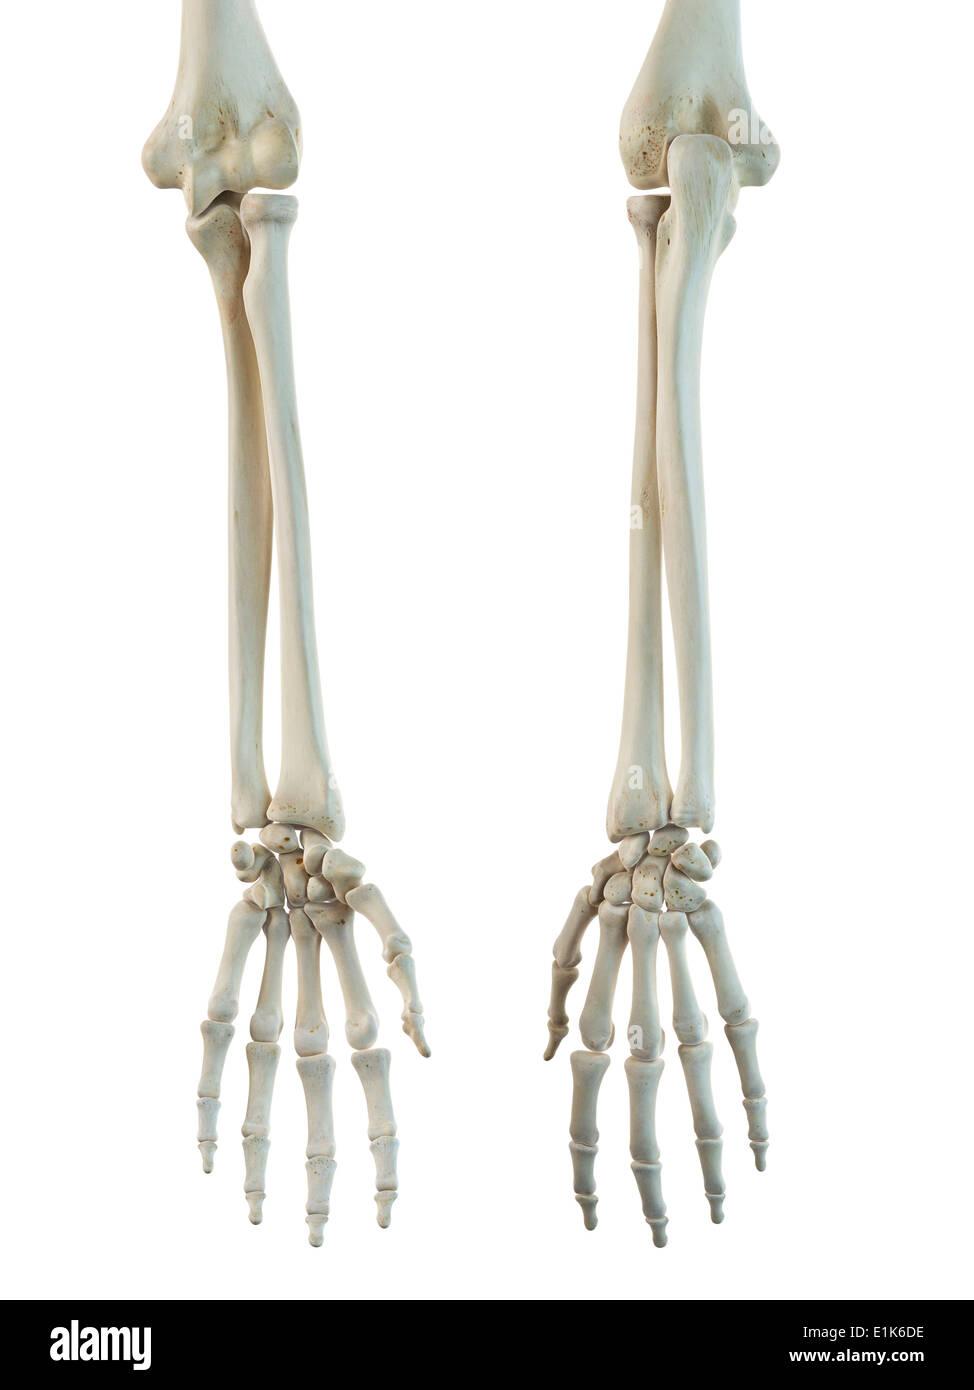 Beste Knochen Der Arme Ideen - Menschliche Anatomie Bilder ...